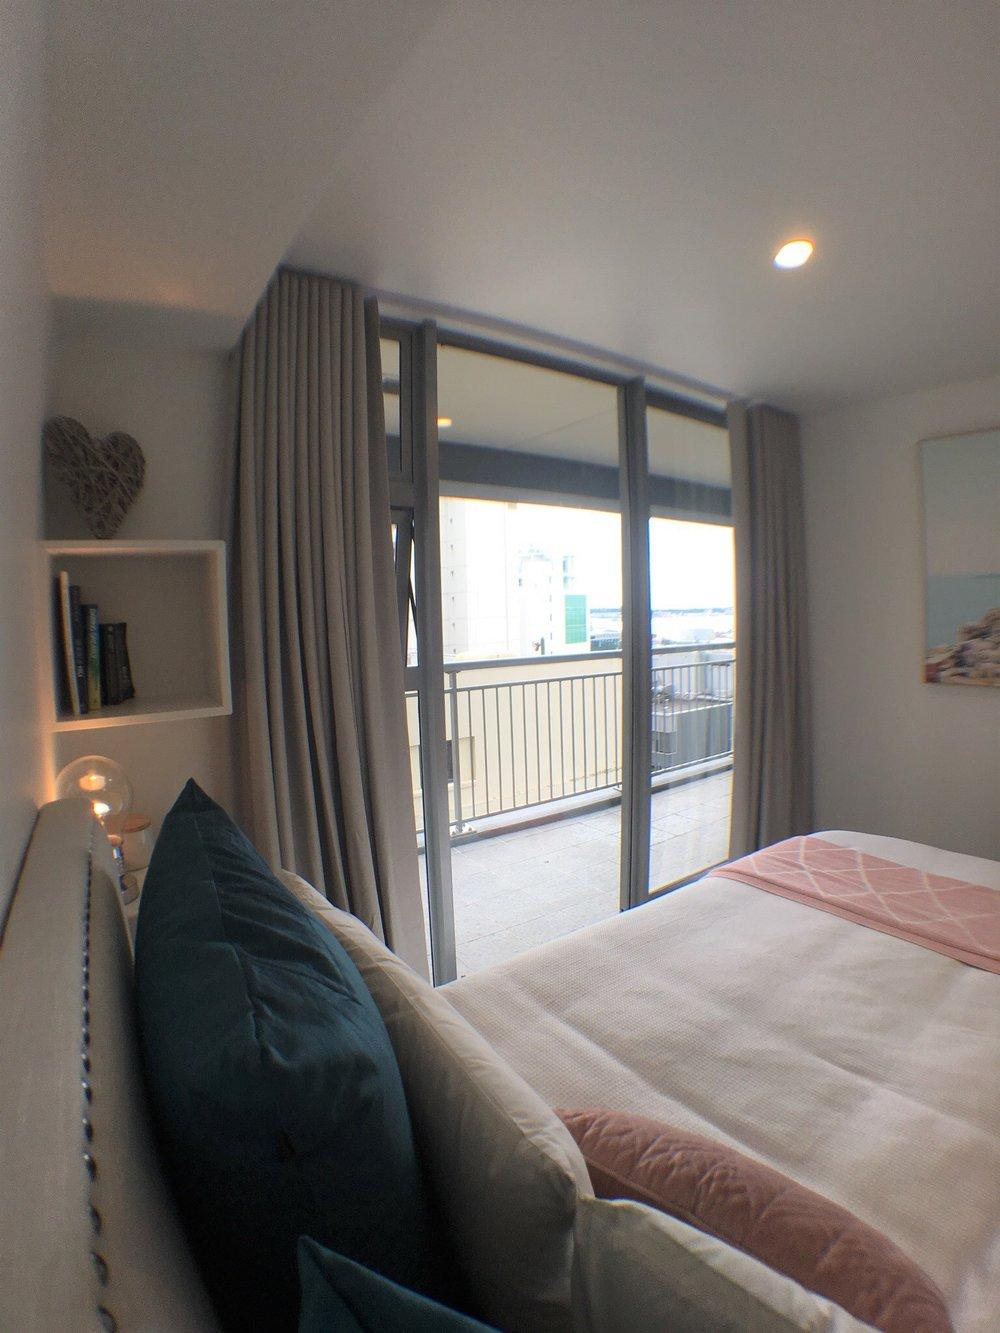 SA508 Bedroom view IMG_5300.jpeg